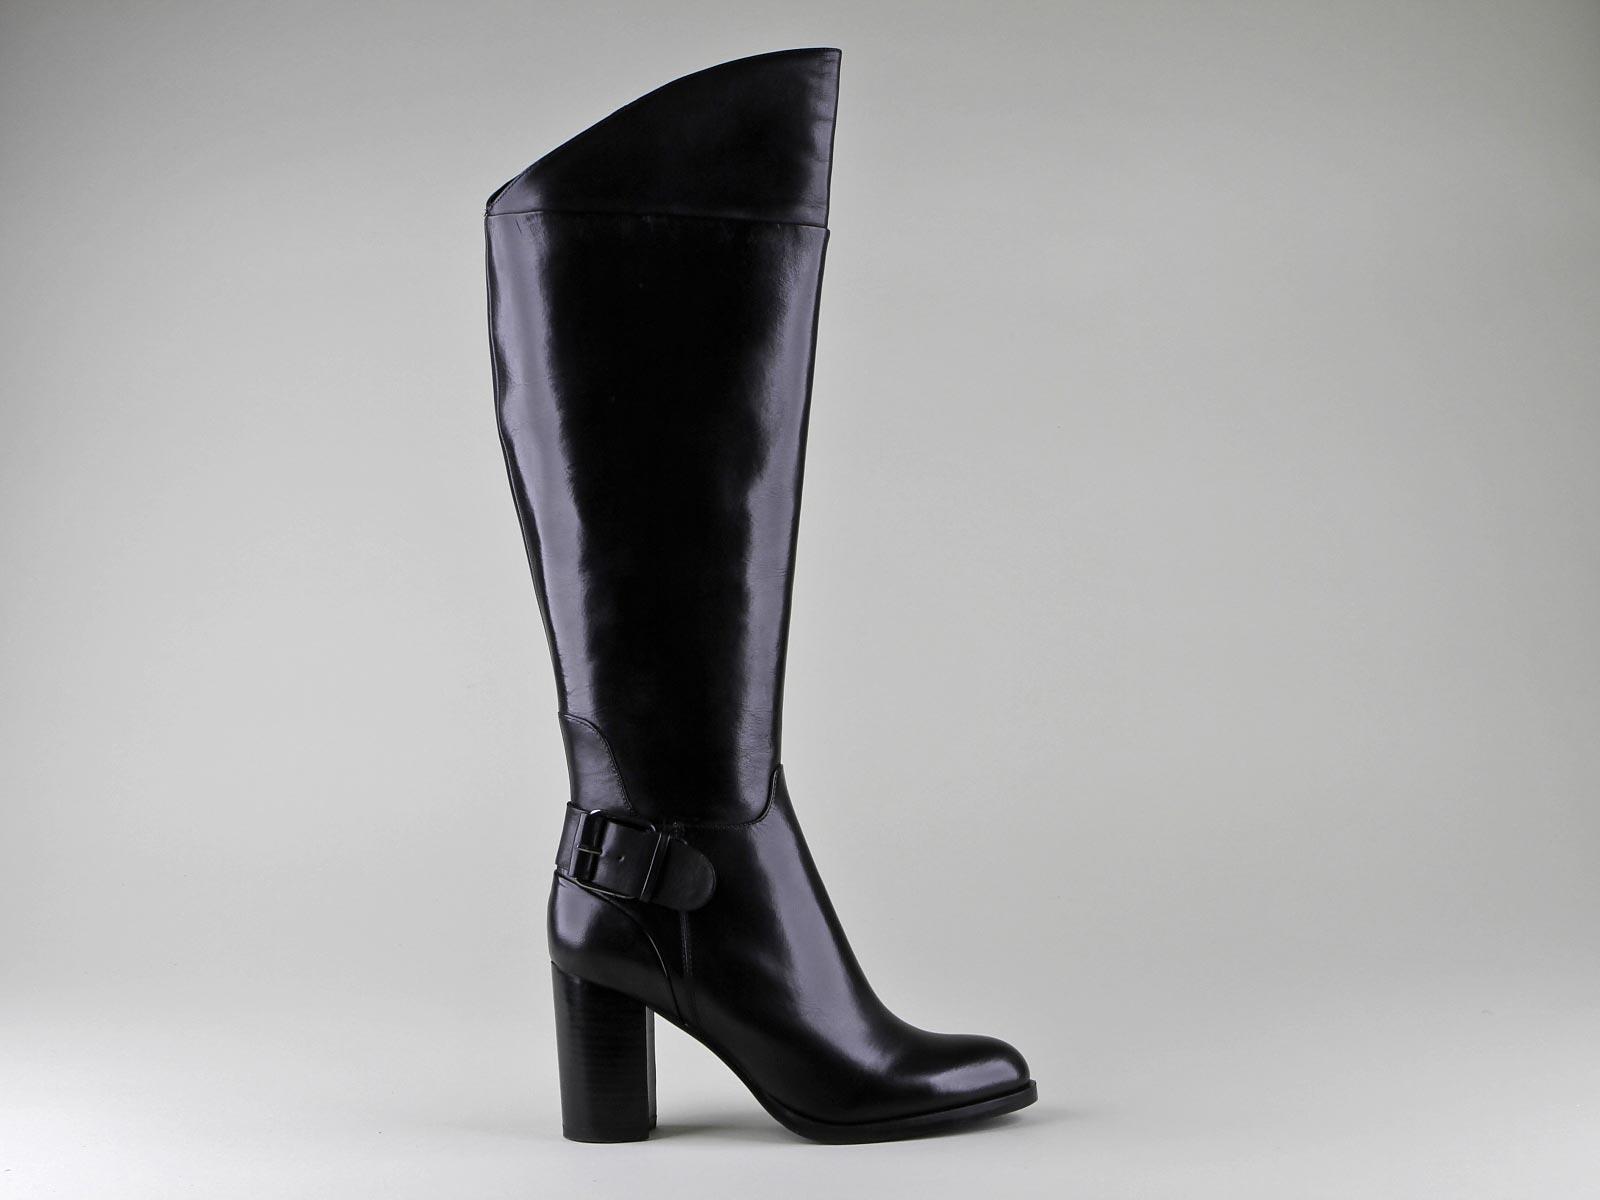 bottes en cuir montantes pour femme bruno r mi guide boutiques de mode guide shopping mode. Black Bedroom Furniture Sets. Home Design Ideas